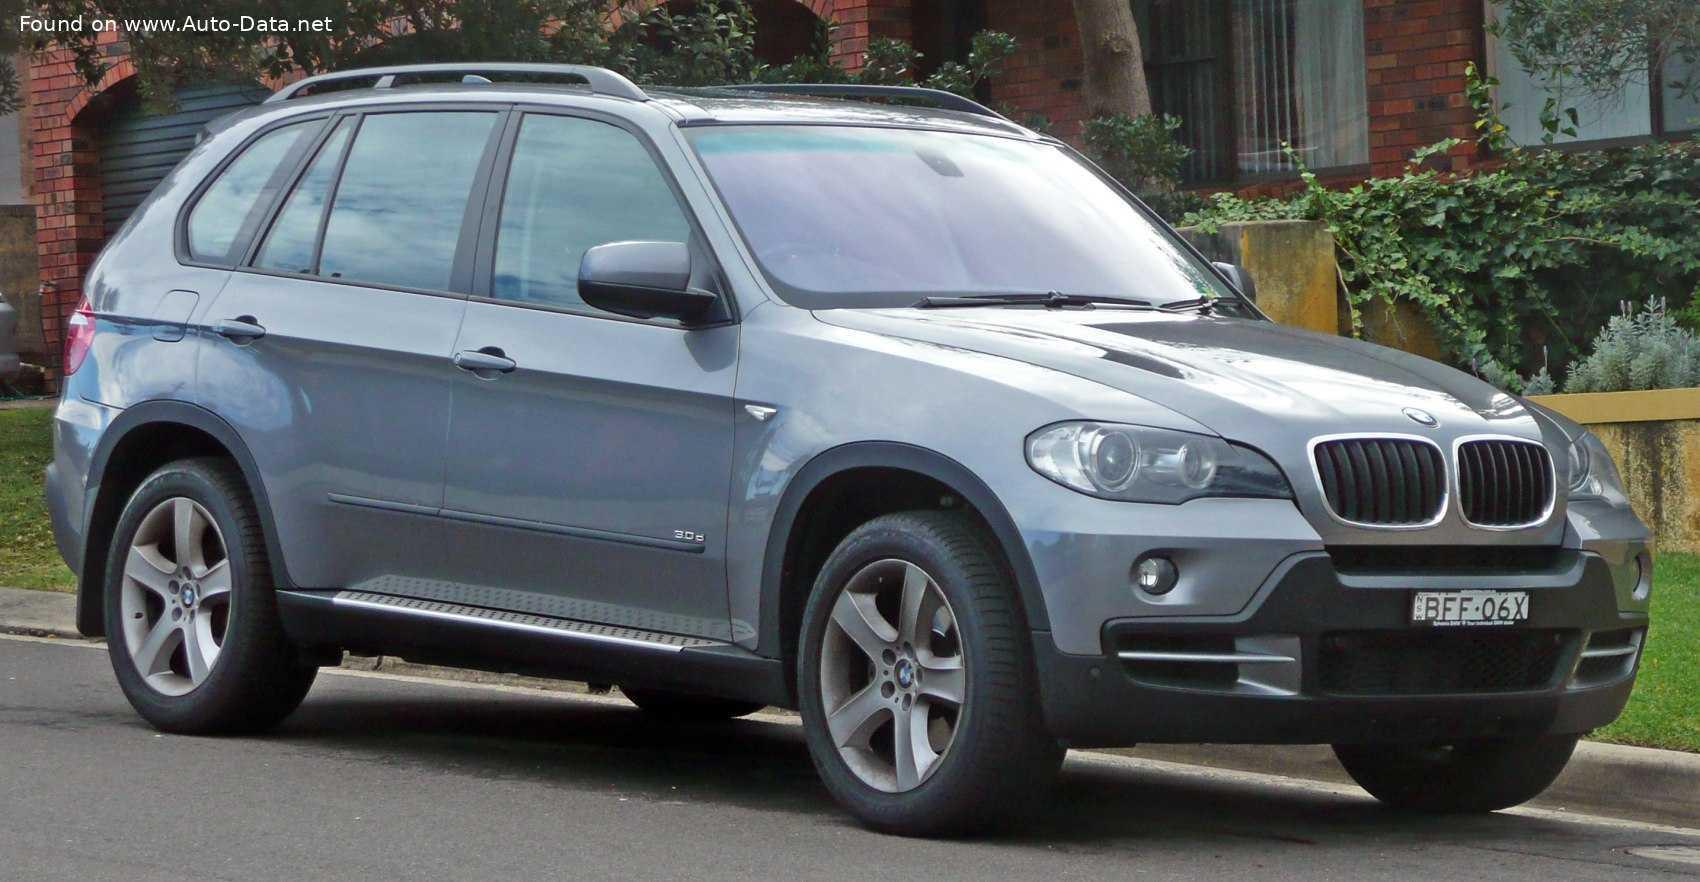 2010 BMW X5 (E70, facelift 2010) 30d (245 лс) xDrive Automatic   Технические характеристики, расход топлива , Габариты